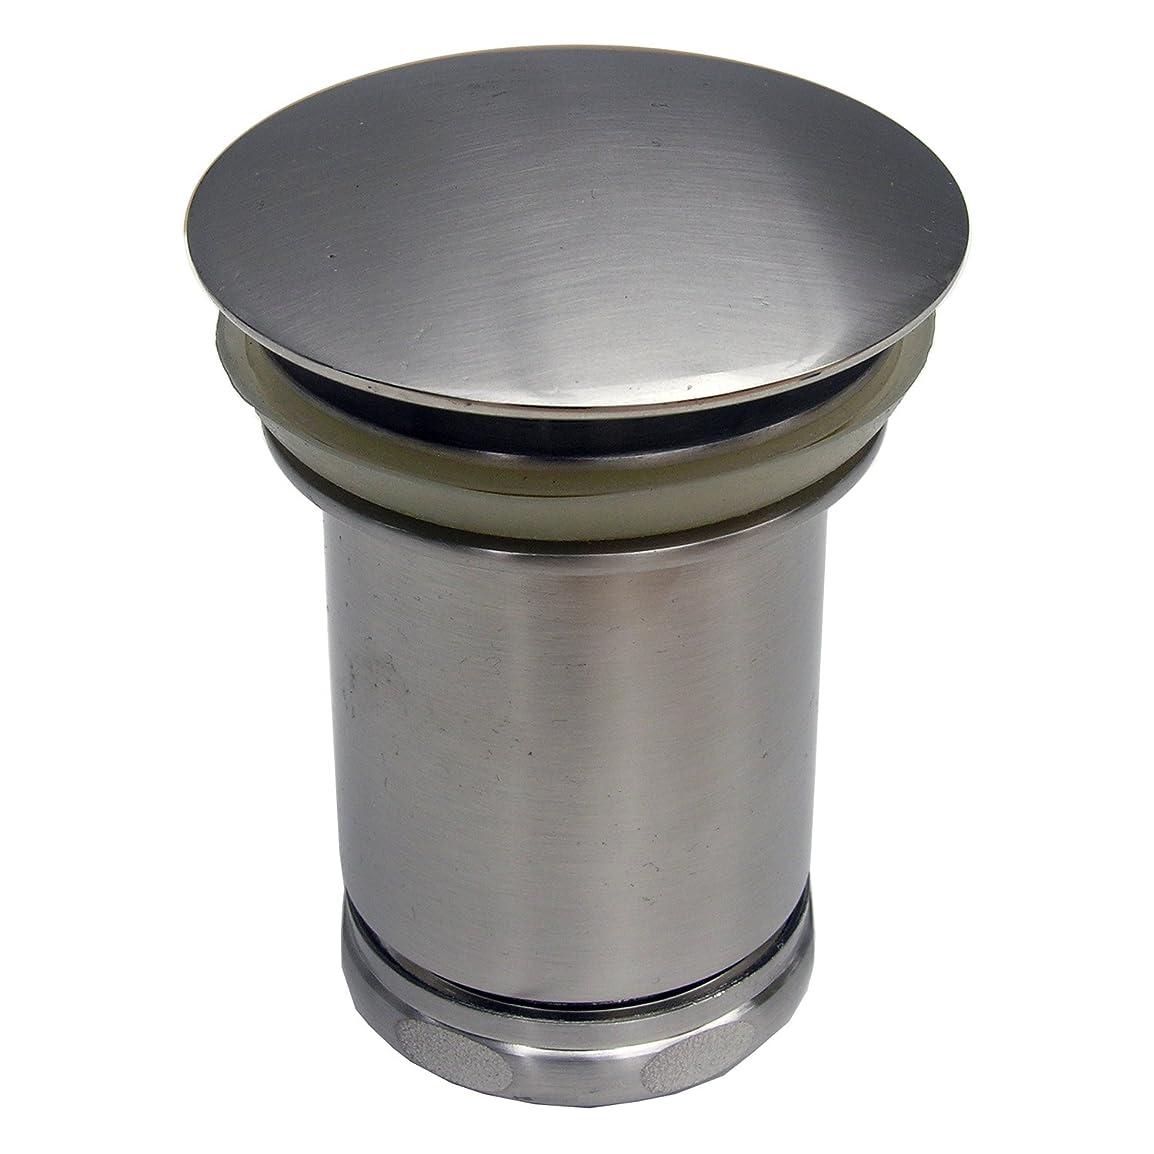 記録加速度請う(Satin Nickel) - LASCO-Simpatico 20109SN Tip Toe Vessel Pop Up, Satin Nickel